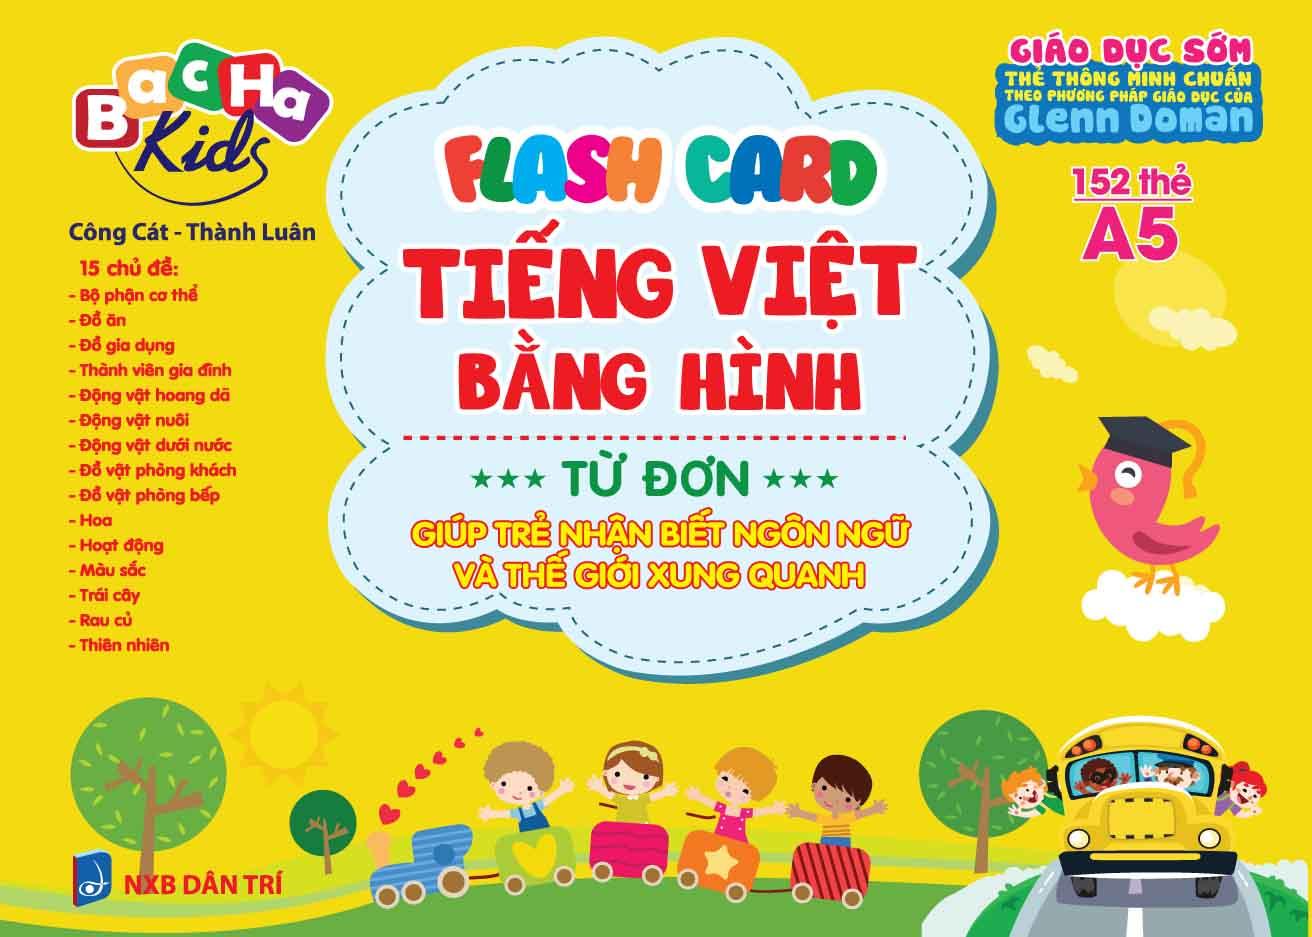 Flashcard Dạy Trẻ Theo Phương Pháp Glenn Doman - Tiếng Việt Bằng Hình - Từ Đơn